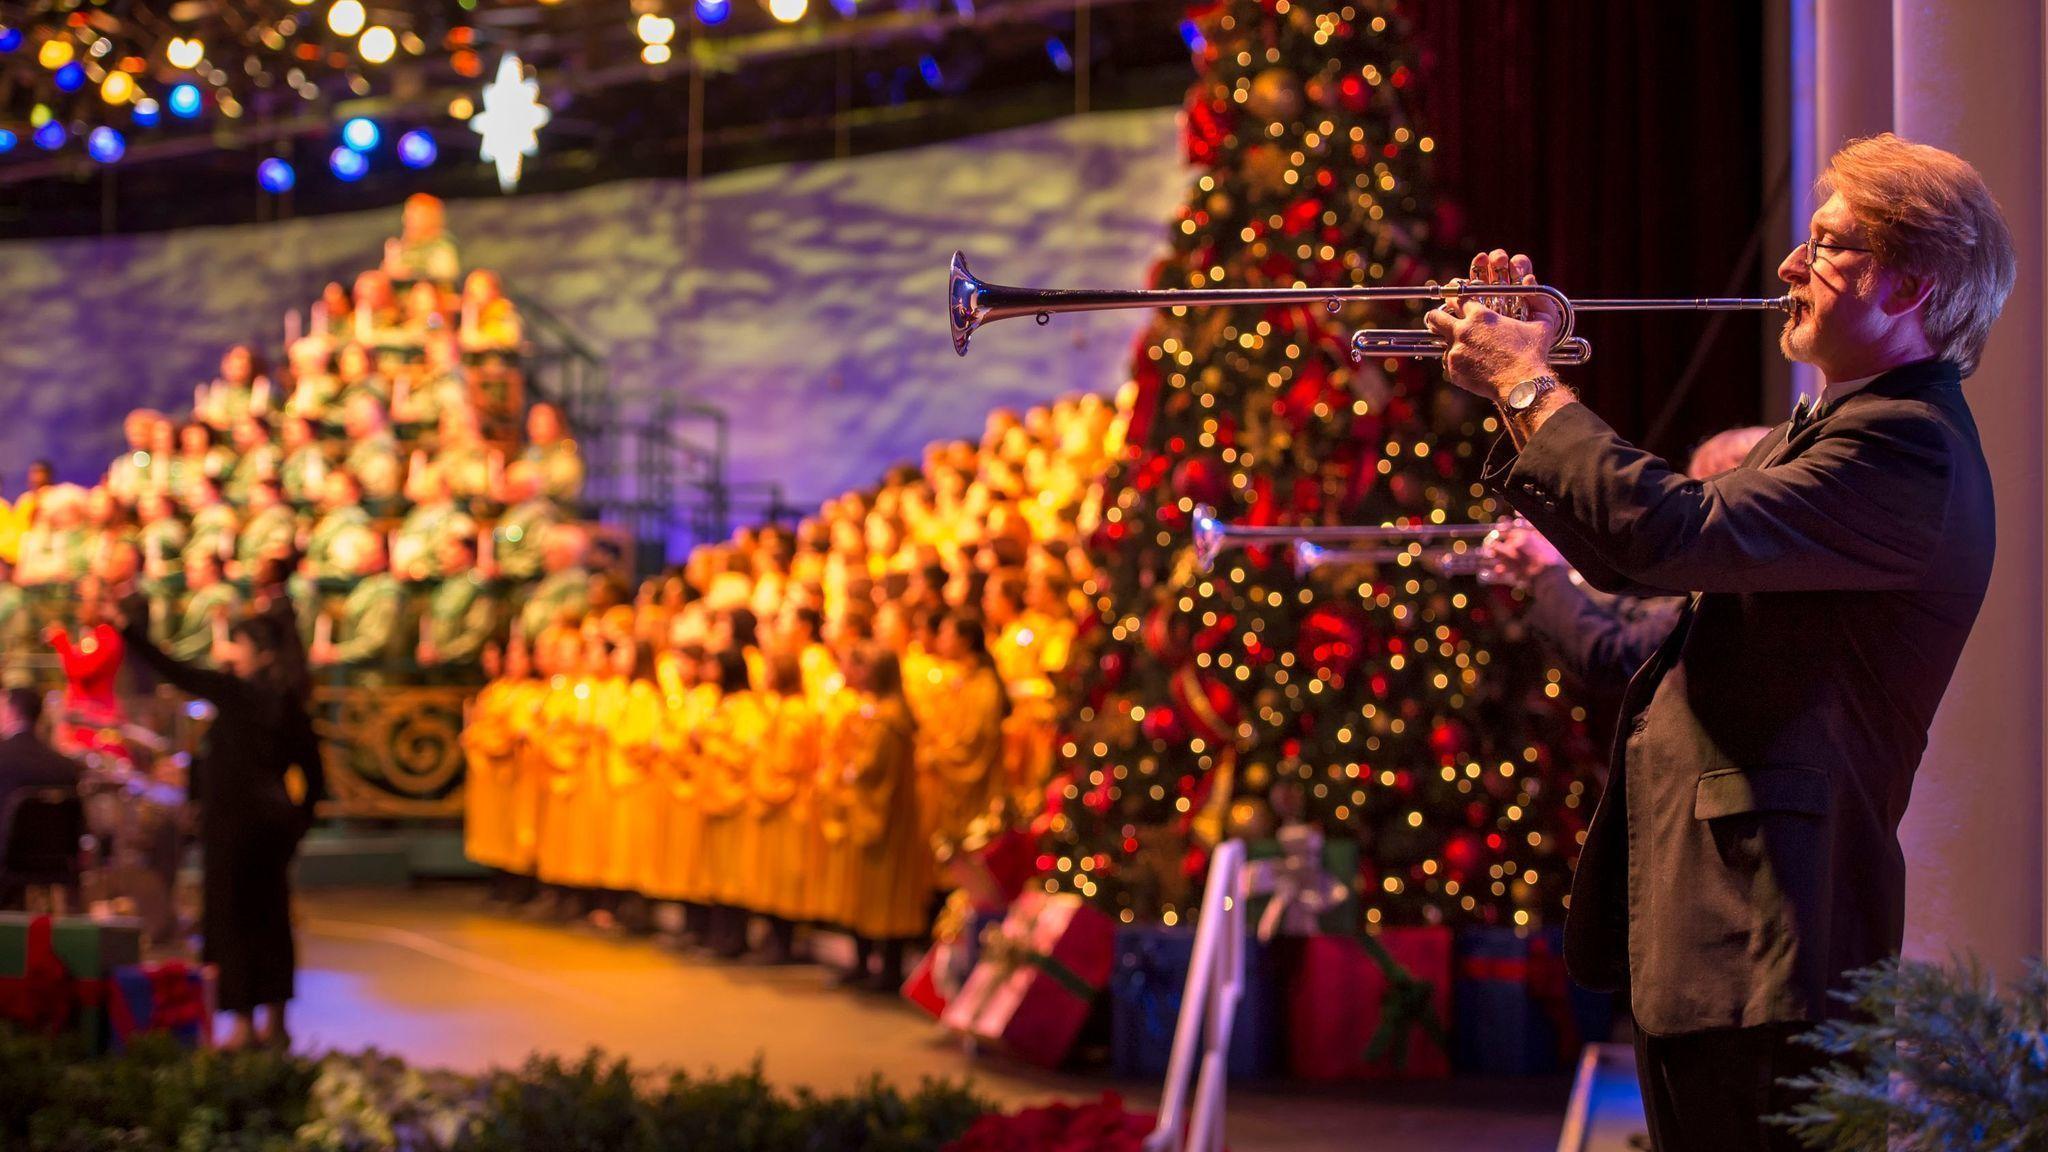 В парке Walt Disney World начался сезон традиционного рождественского шоу «Шествие при свечах»